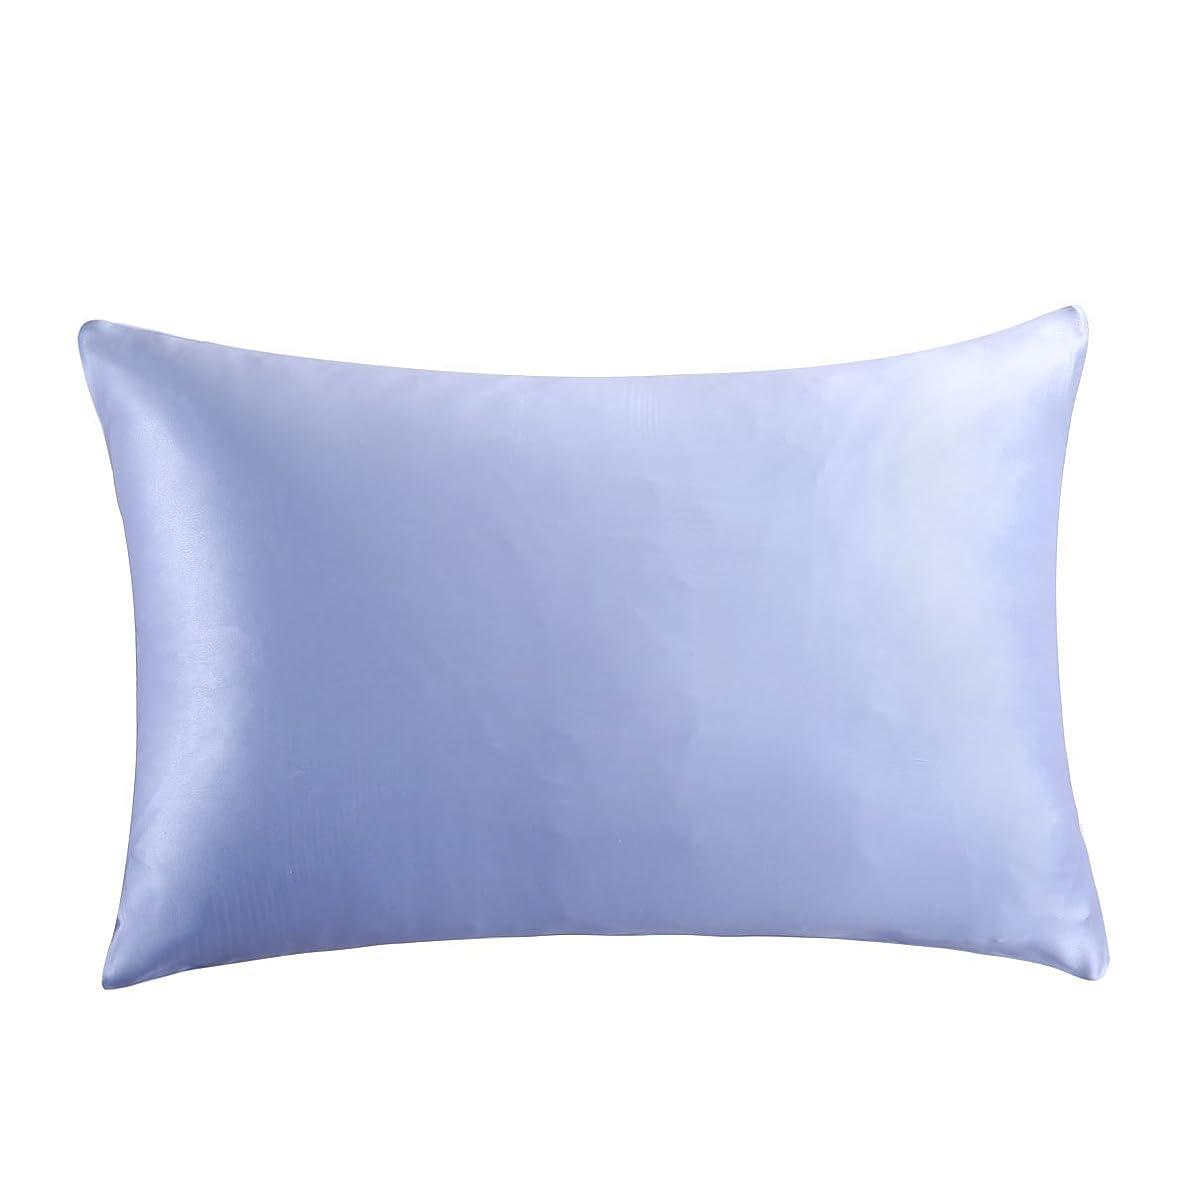 OOSILK Mulberry Silk Pillowcase with Hidden Zipper, Cotton Underside,King(20inx 36in),Light Blue,1pc